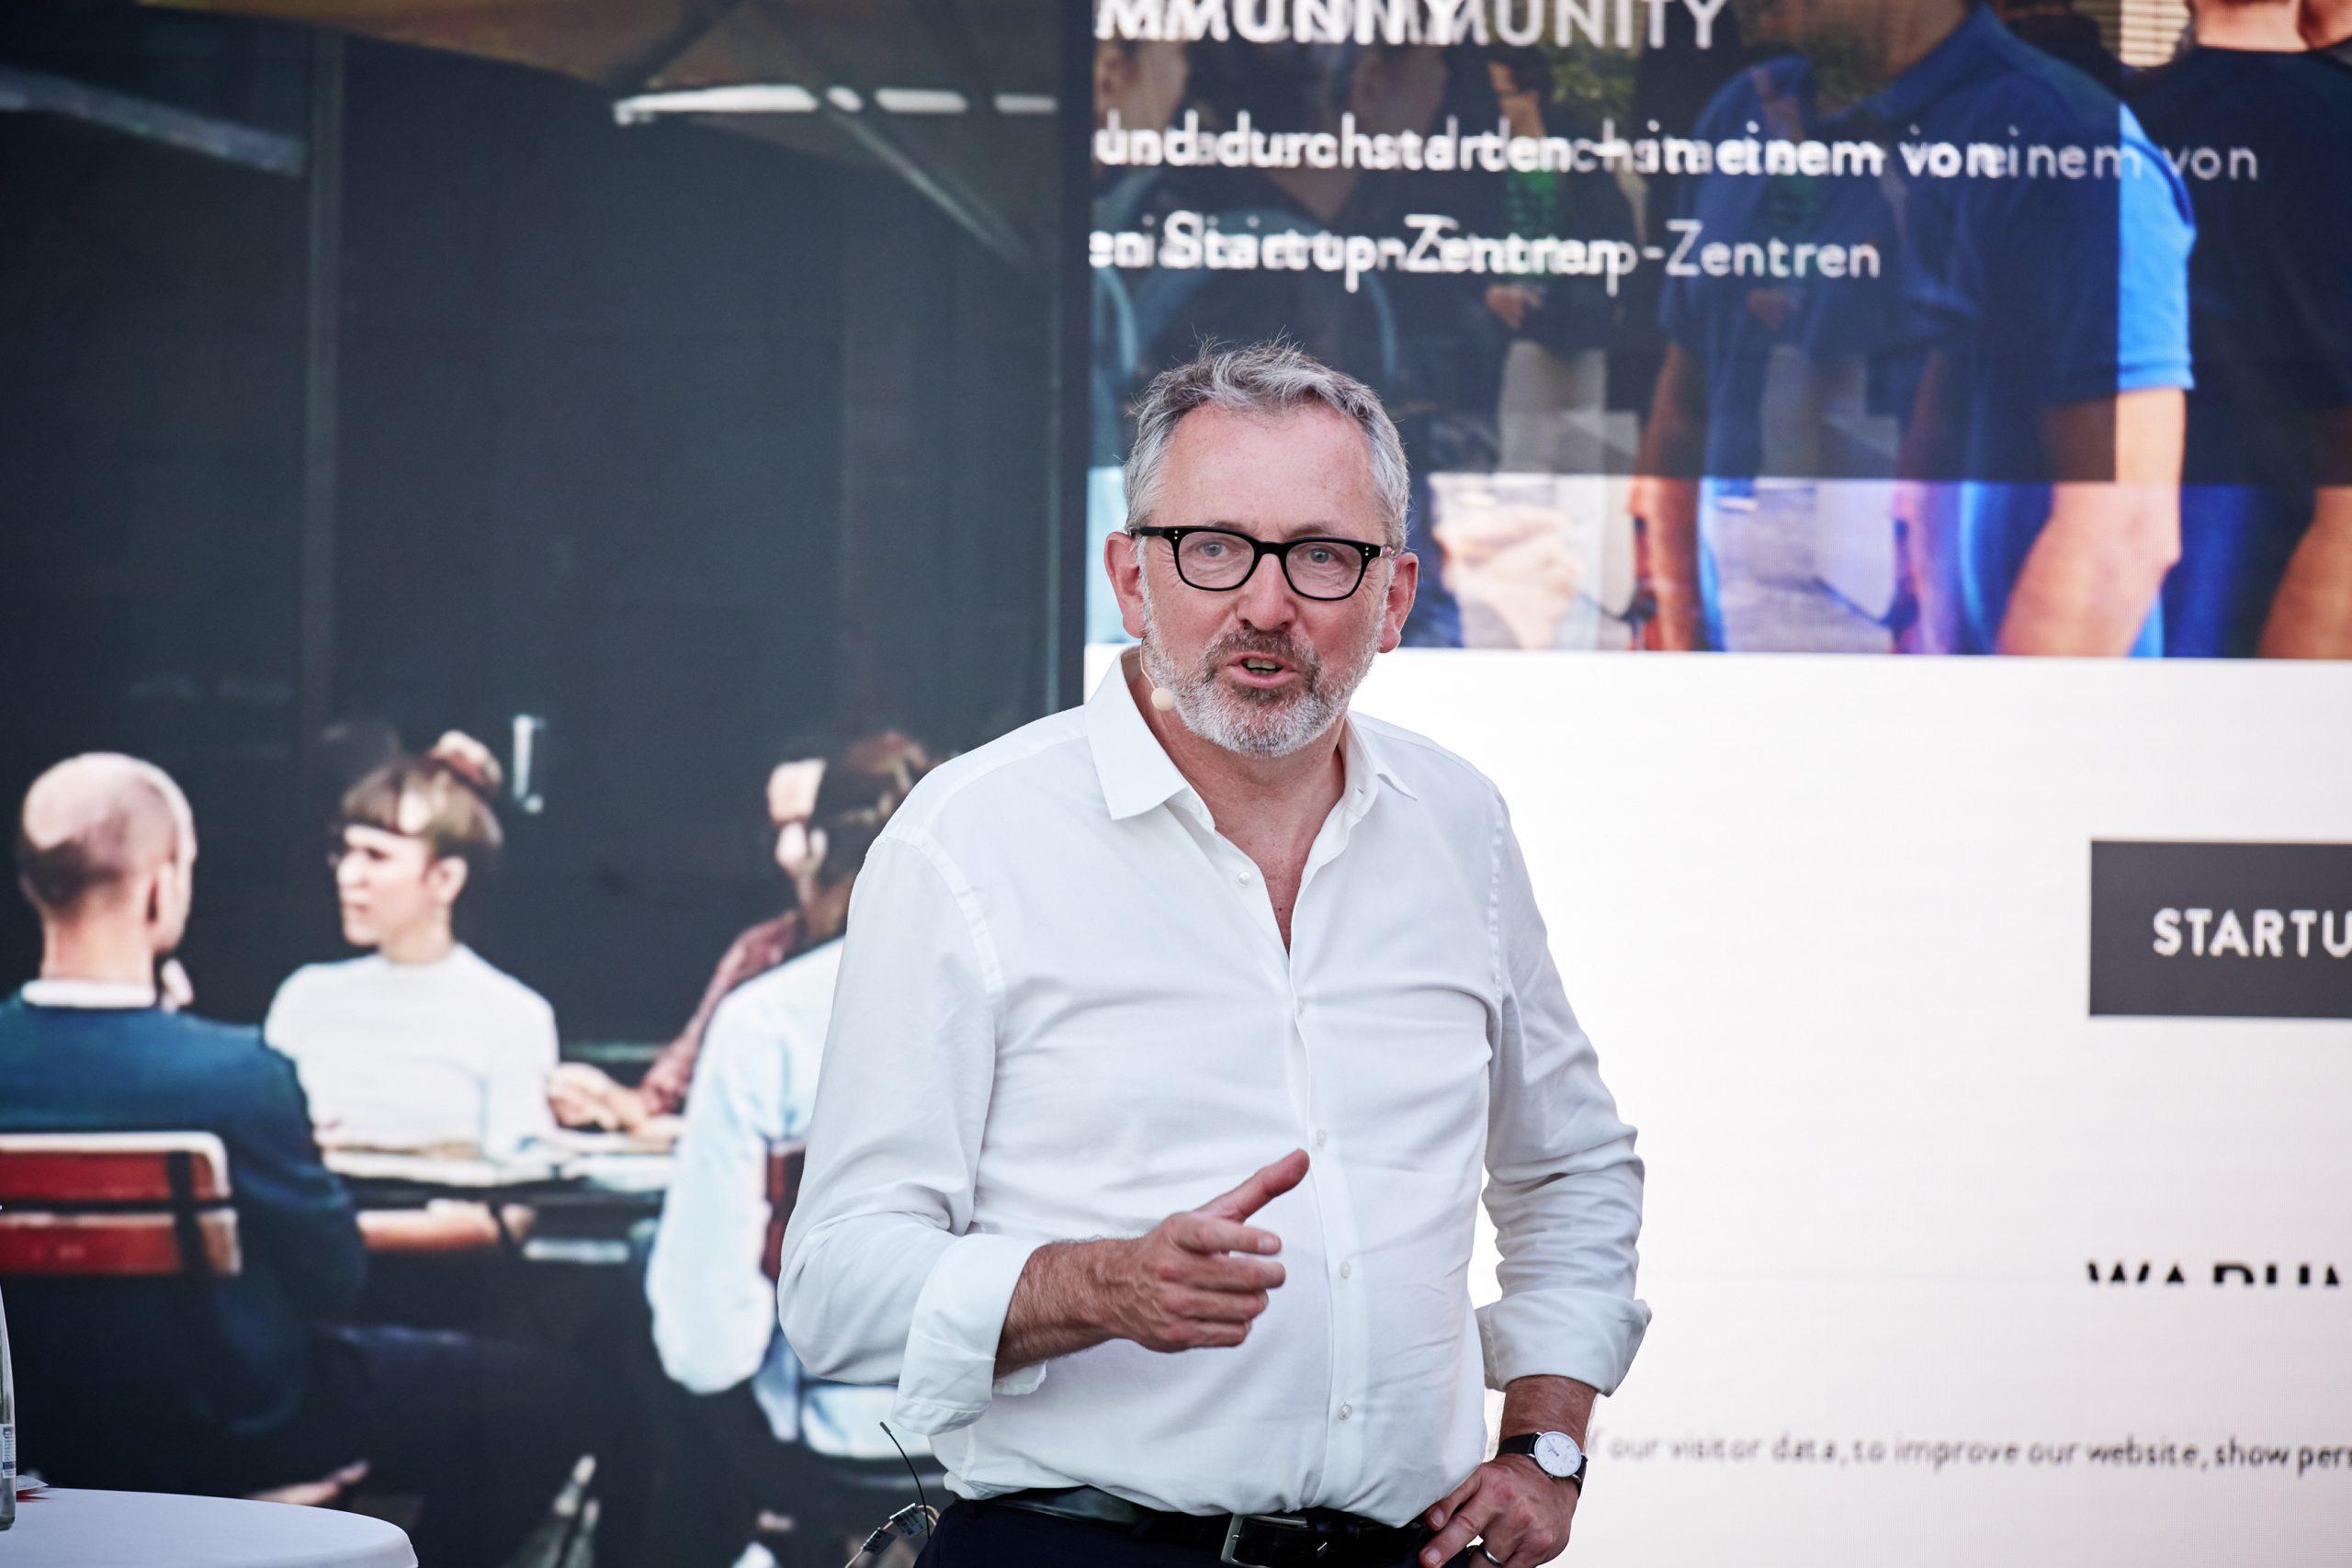 Mannheims Oberbürgermeister Dr. Peter Kurz